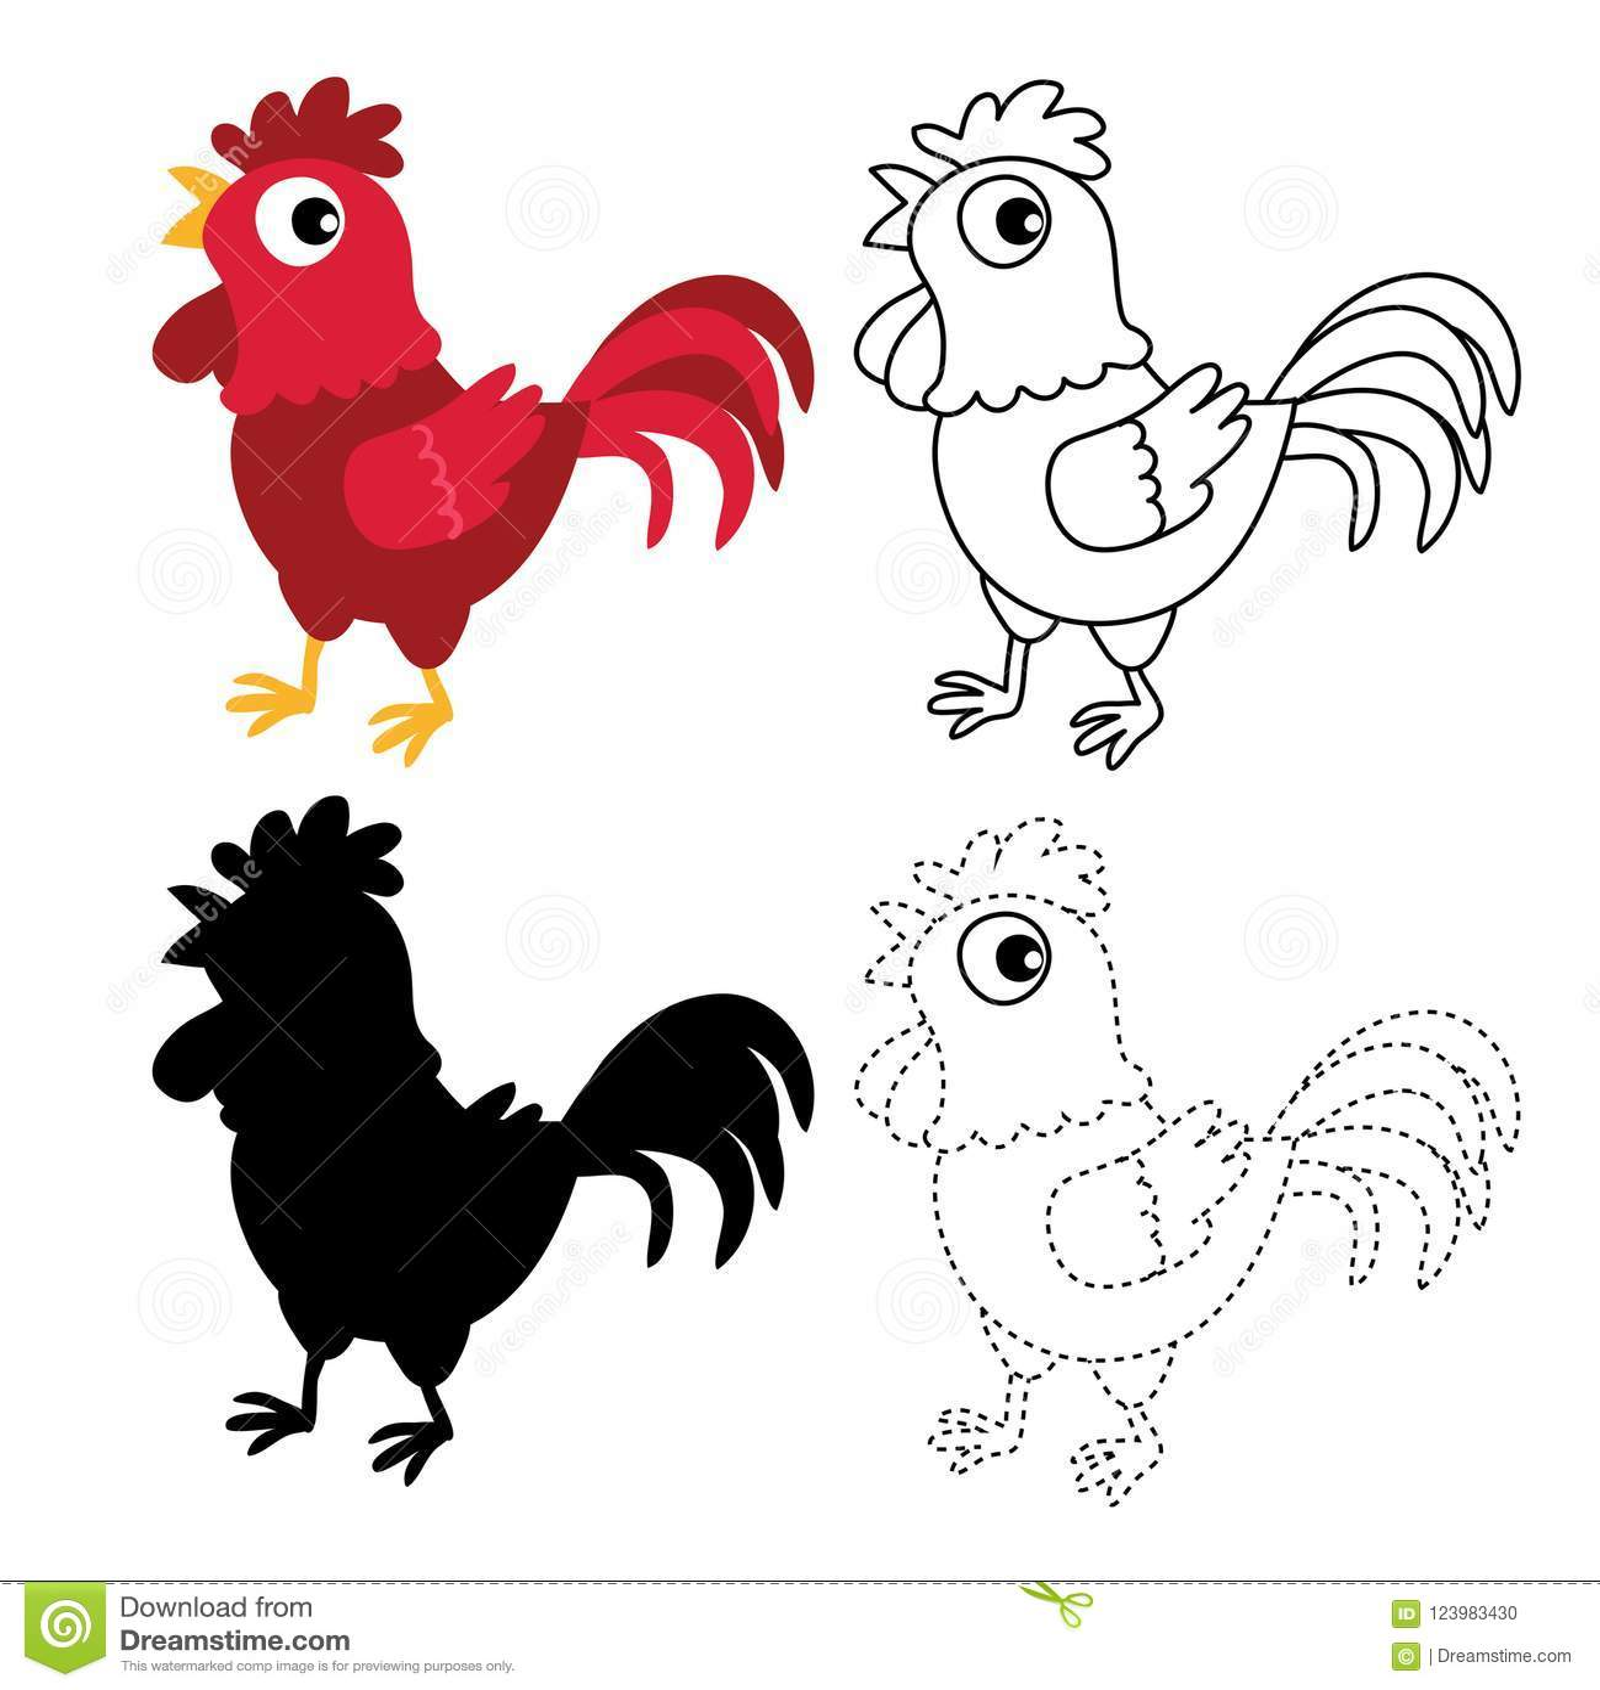 Chicken Worksheet Vector Design Stock Vector